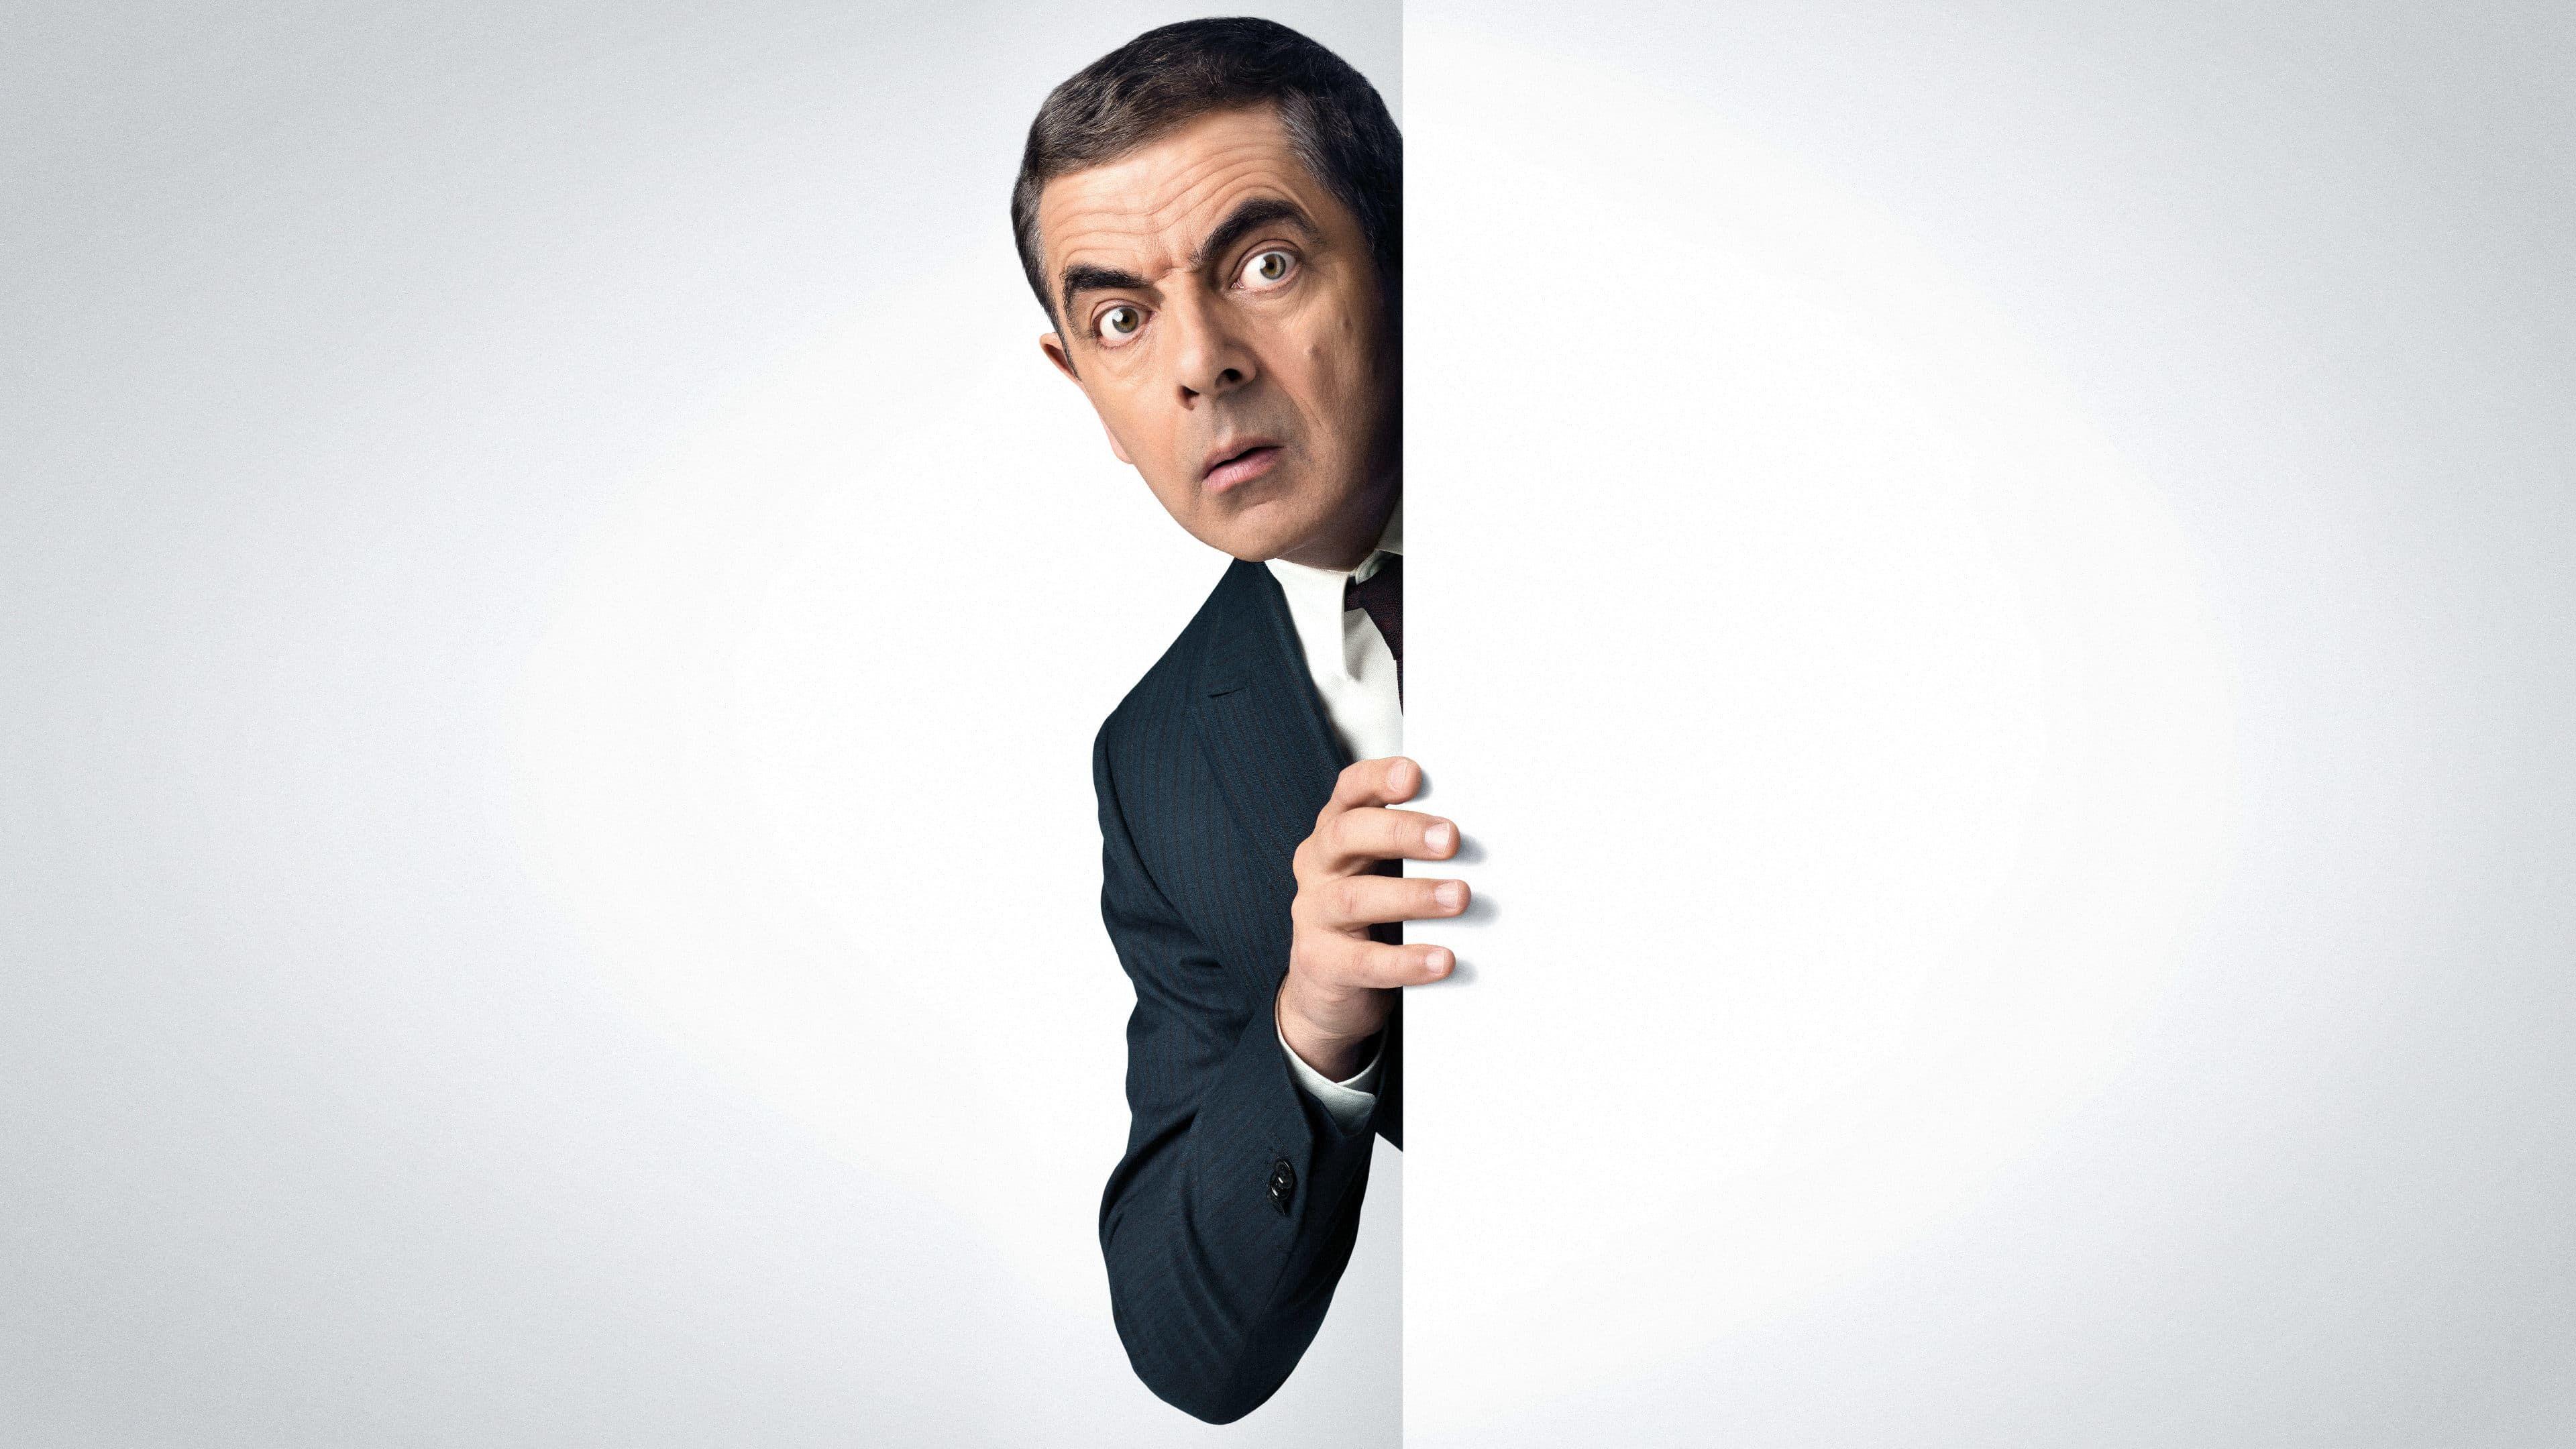 Johnny English Arbeitet Mittlerweile Nicht Mehr Als Geheimagent Sondern Als Lehrer Doch Als Ein Mys Johnny English Free Movies Online Full Movies Online Free